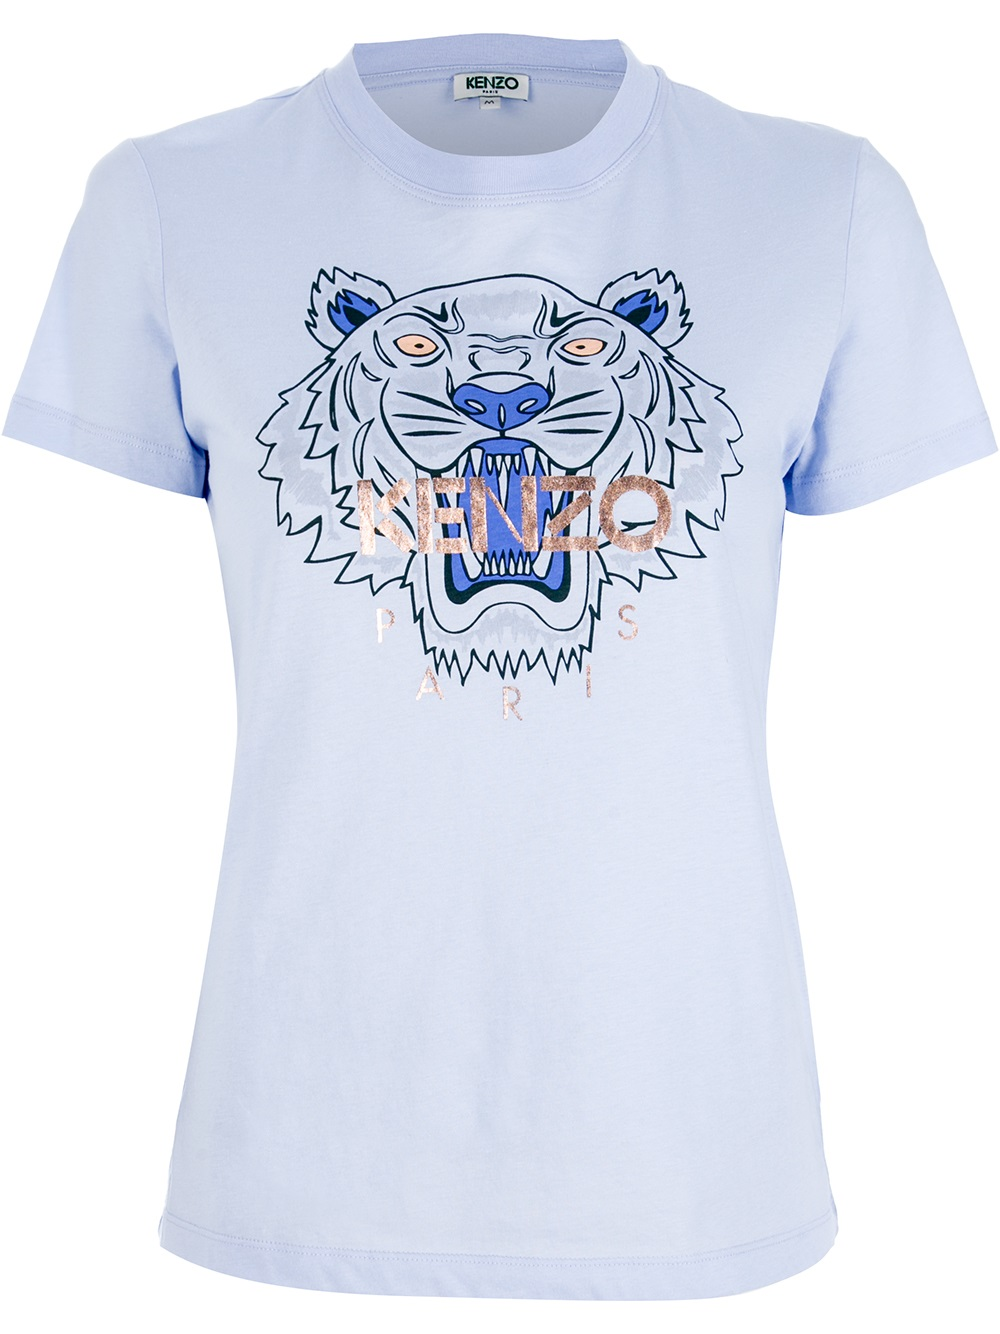 Lyst - KENZO Tiger Print T-Shirt in Blue 5205a98b4f